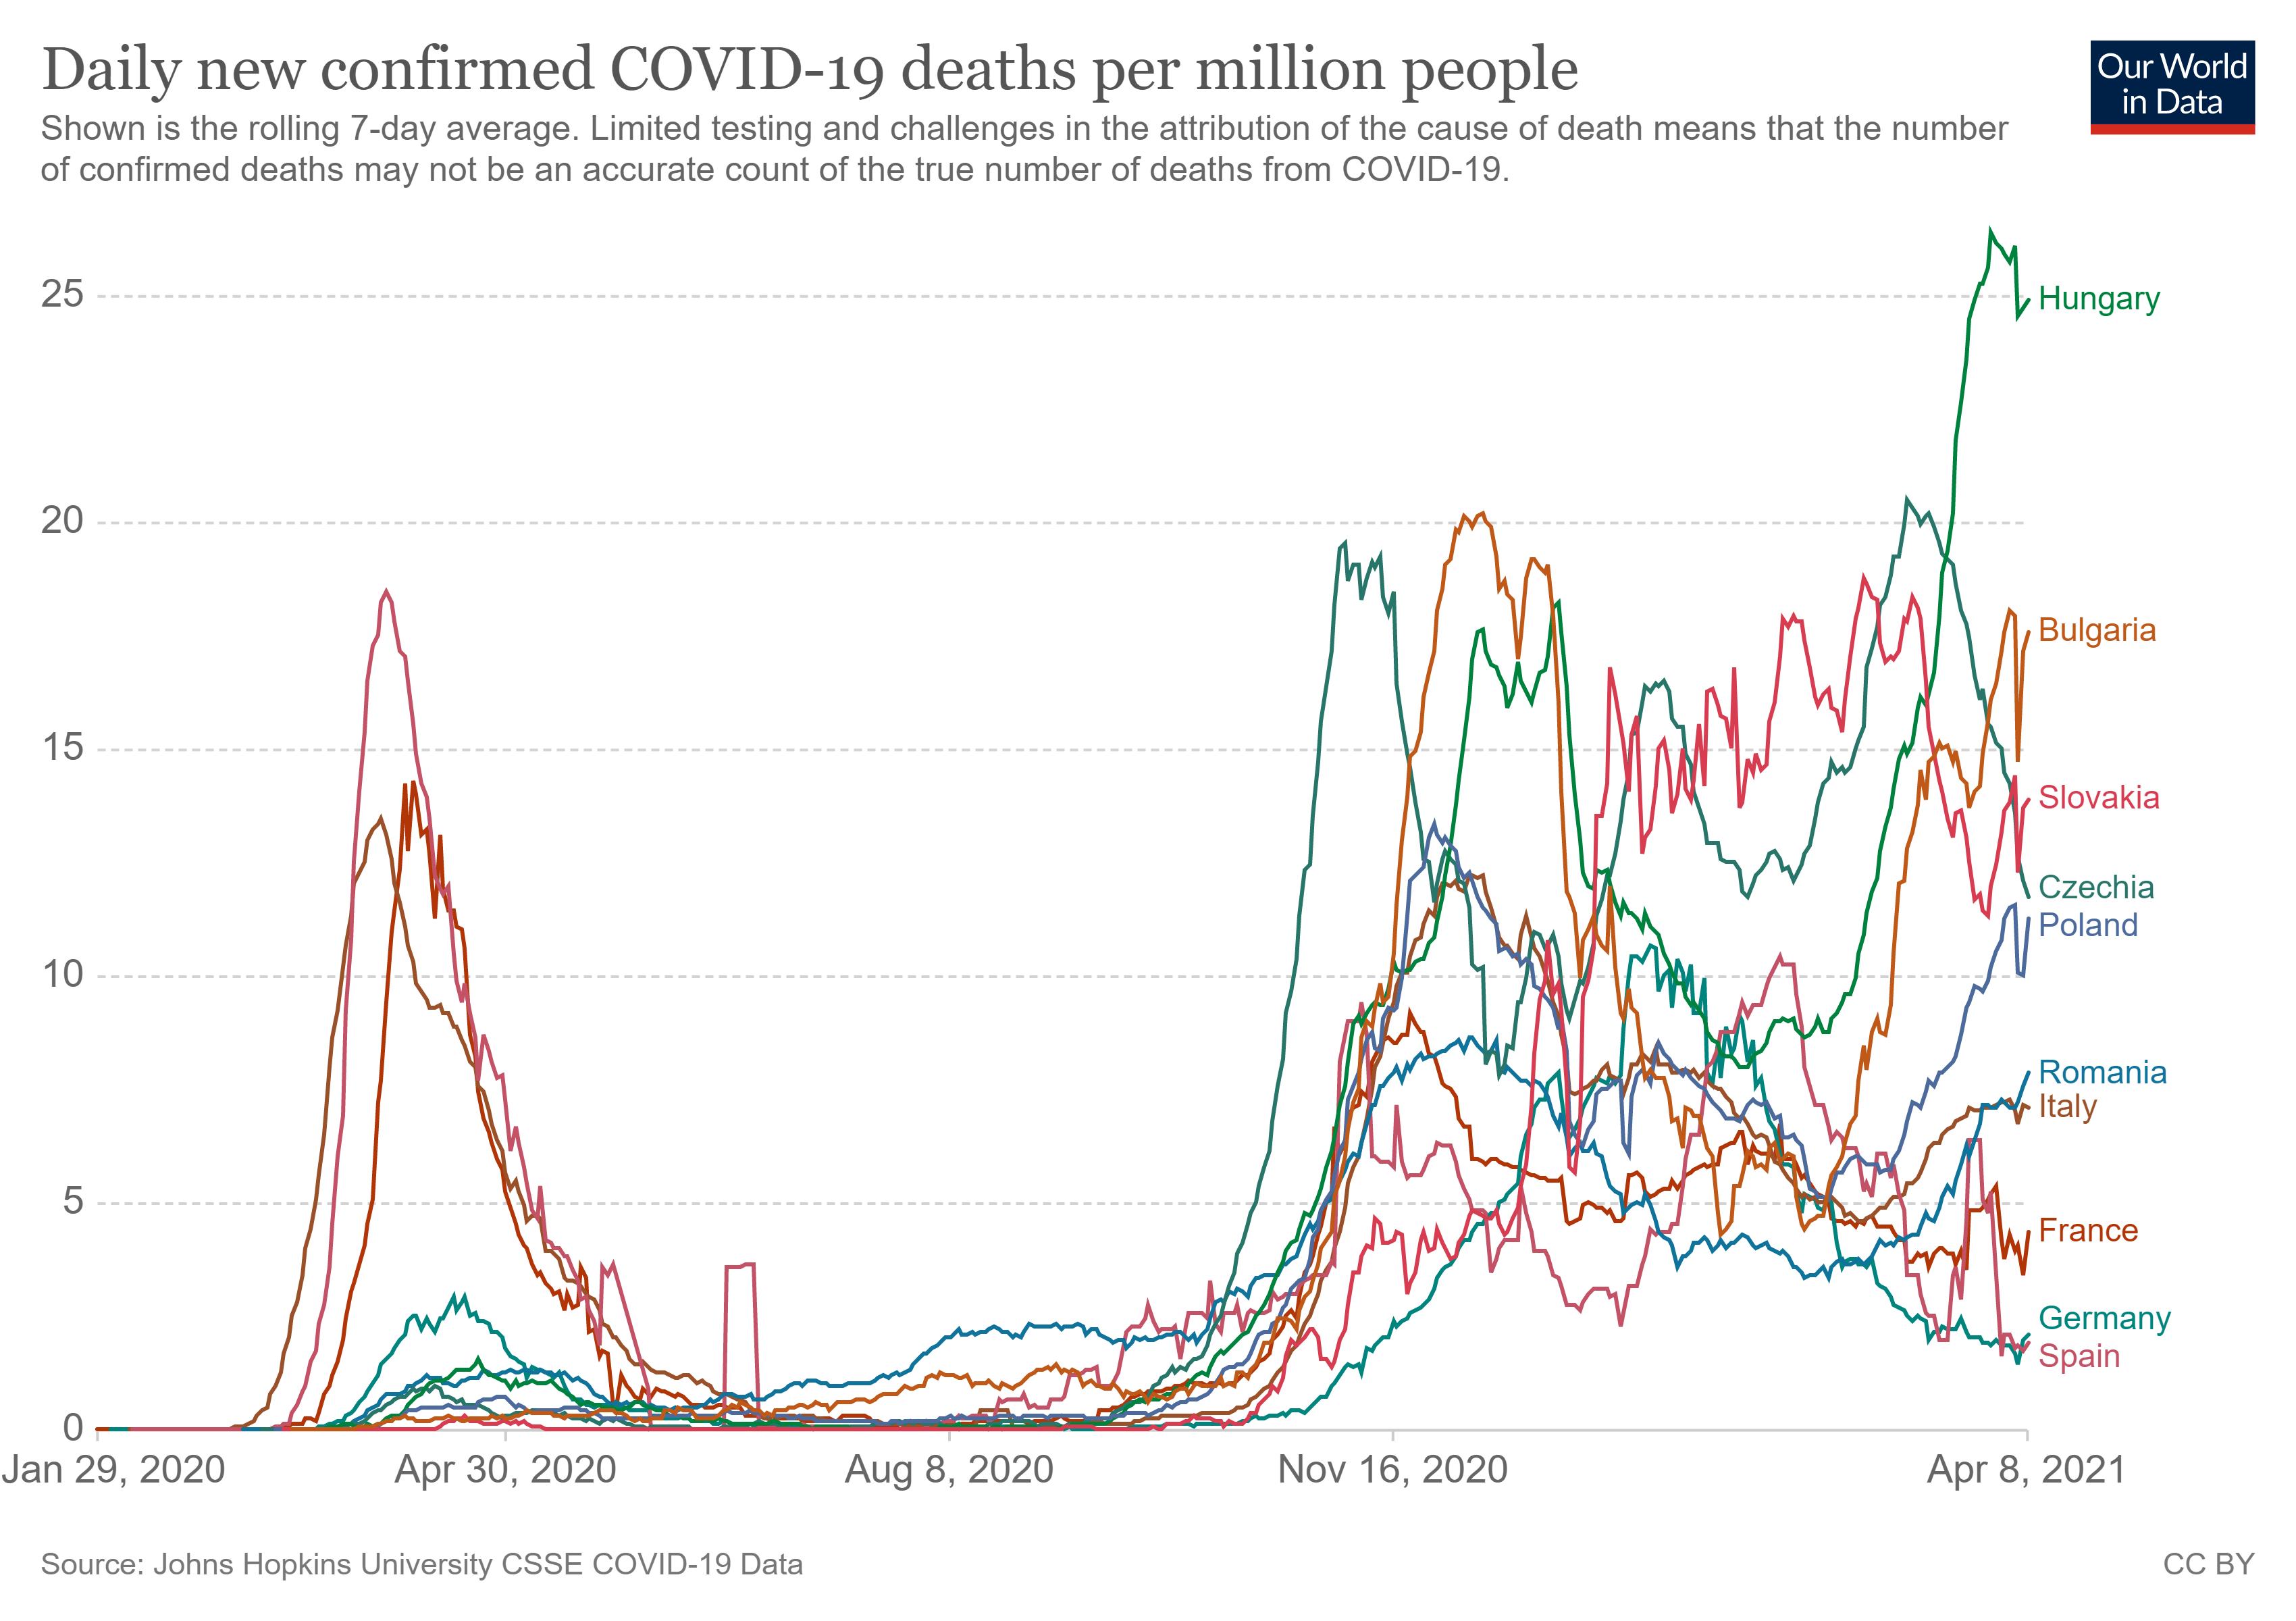 Wykres zgonów na milion mieszkańców w krajach Unii Europejskiej od początku epidemii